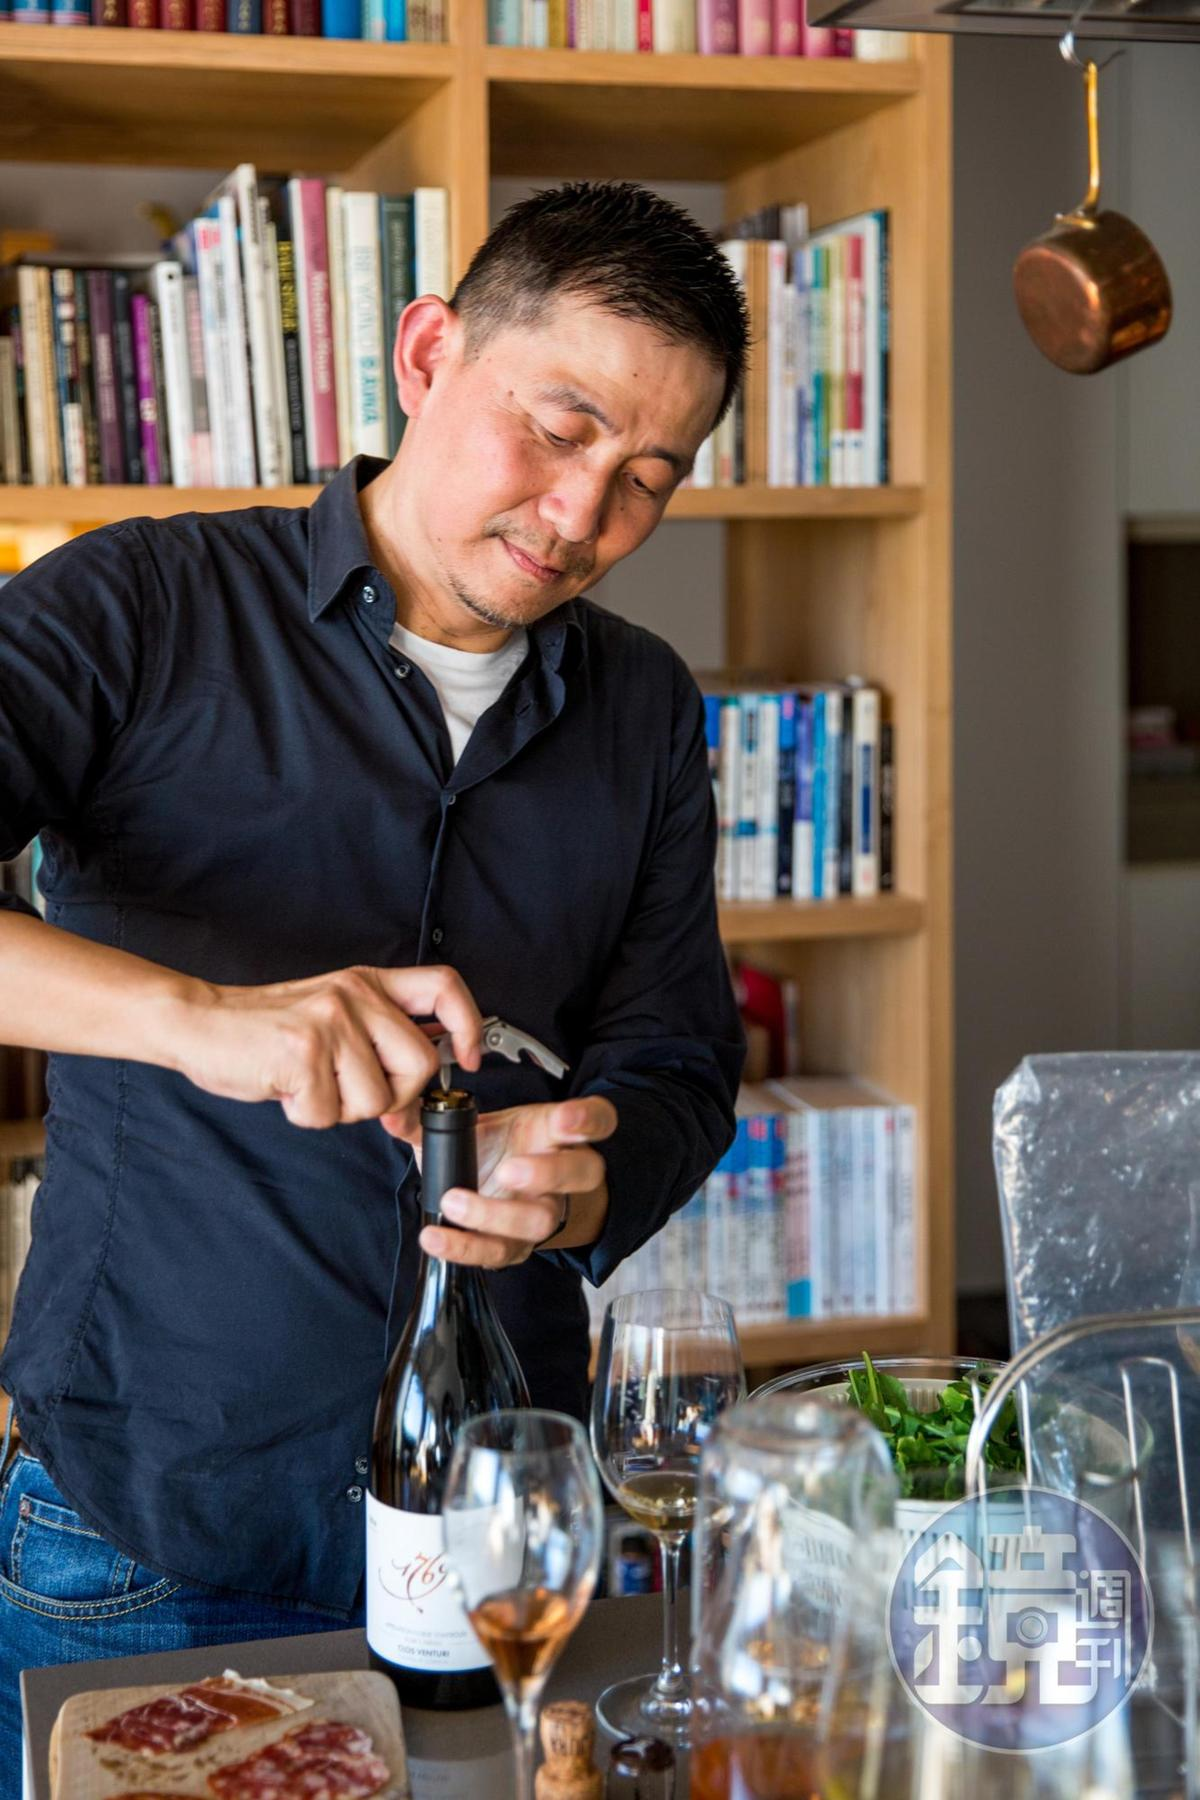 林裕森主張簡單平實的葡萄酒,是日常食物的良伴。